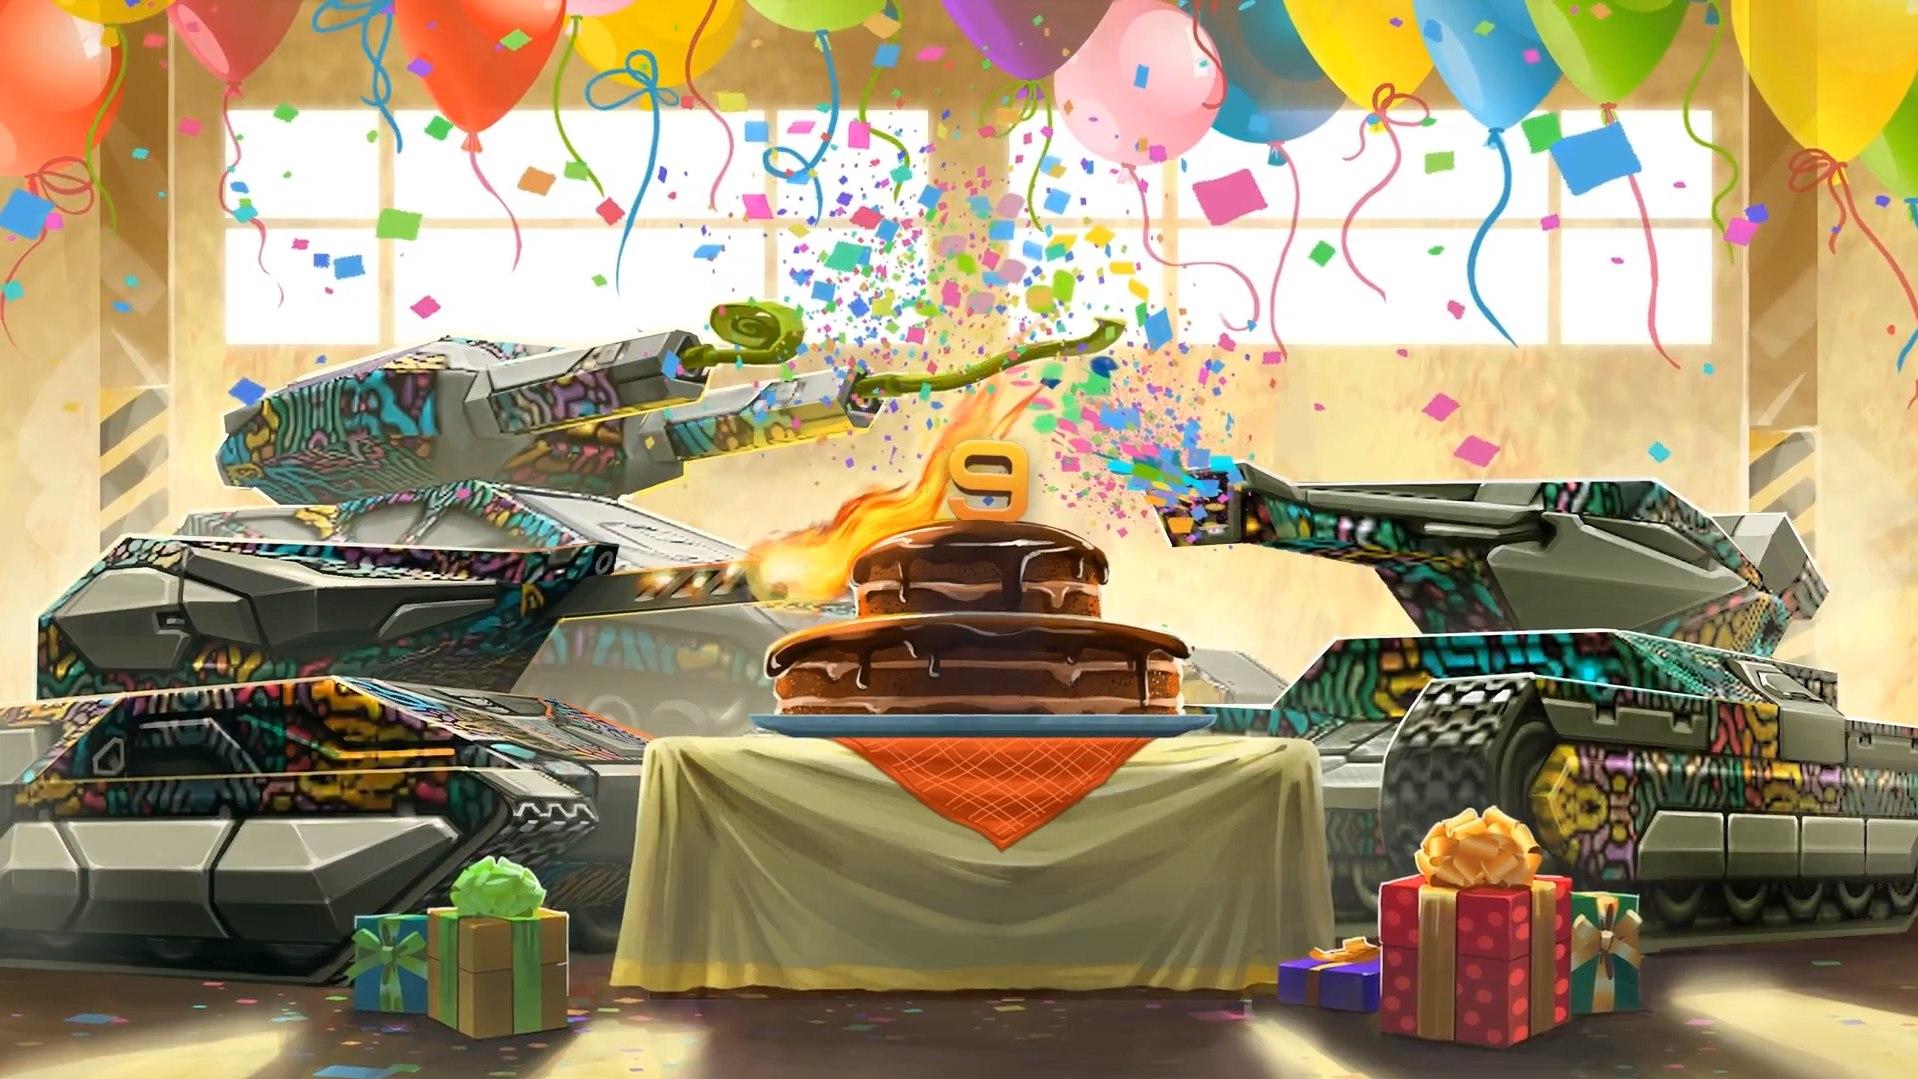 Картинка с танком с днем рождения, своими руками день